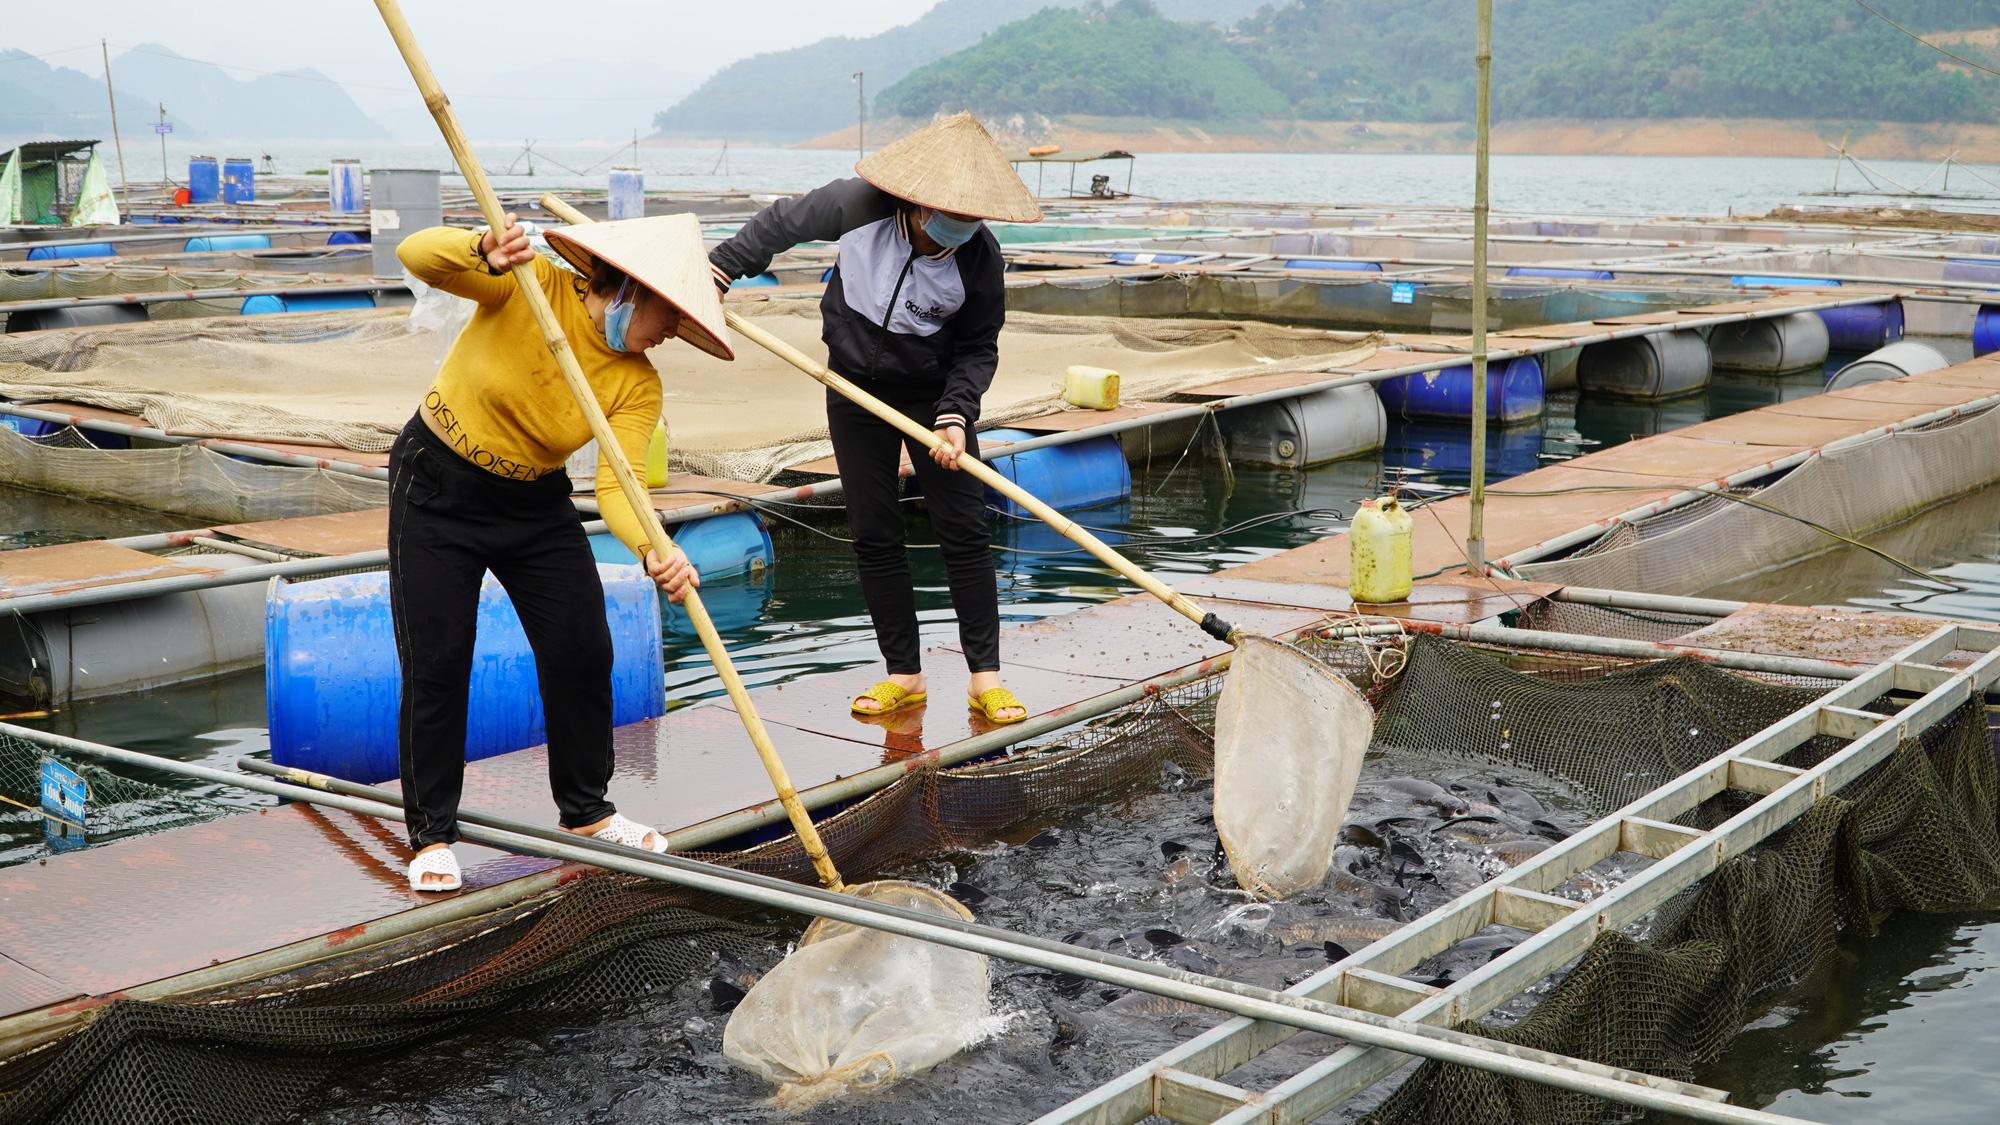 Sử dụng đến 9 tỷ mét khối nước nuôi cá, nông dân Hòa Bình trúng lớn - Ảnh 4.